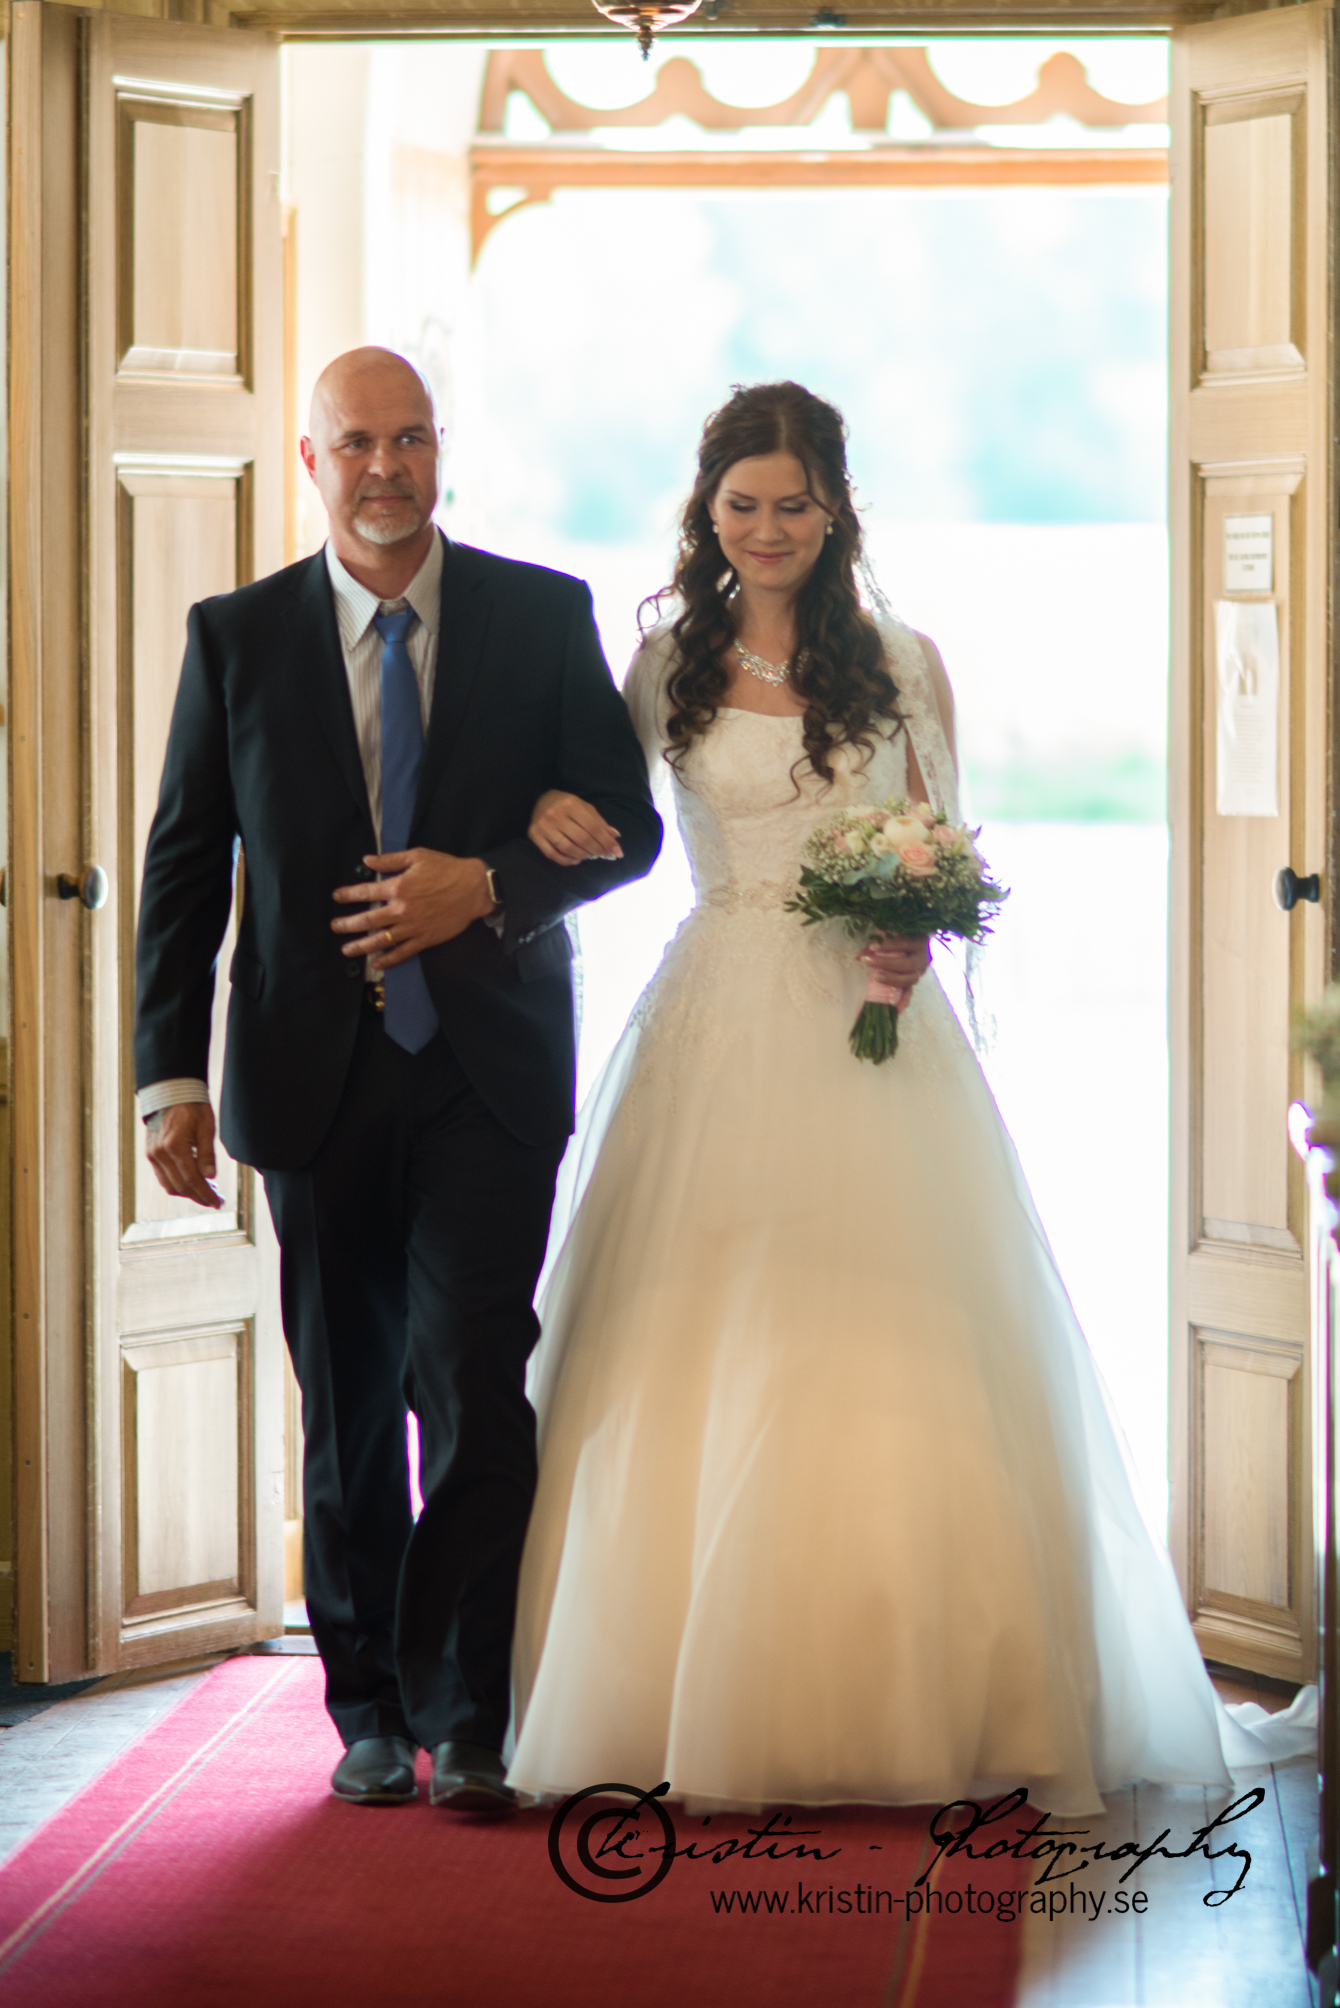 Bröllopsfotograf i Eskilstuna, Kristin - Photography, weddingphotographer -127.jpg